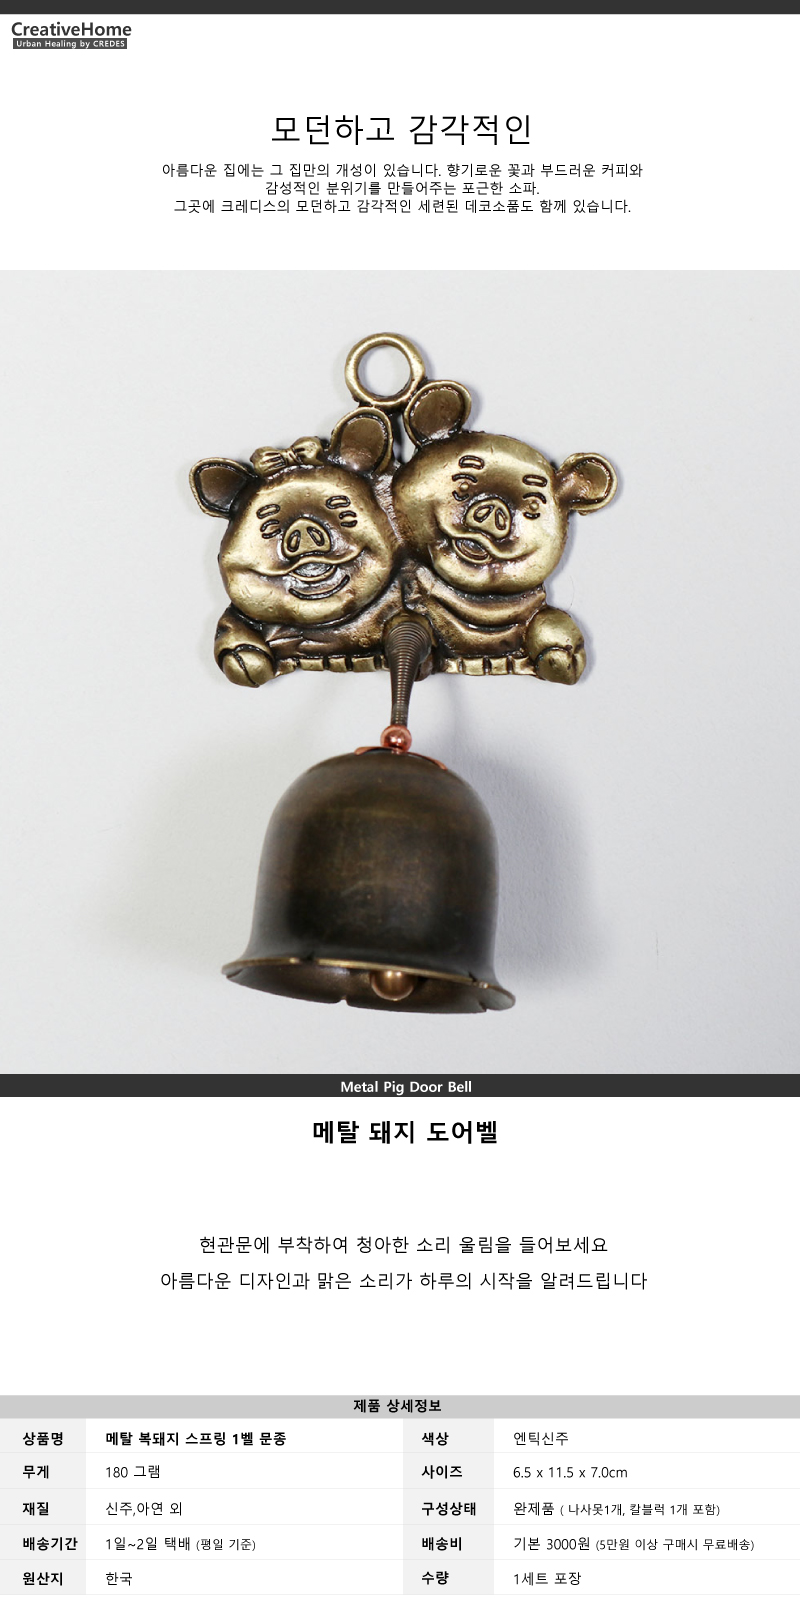 엔틱메탈 복돼지 스프링 문종 도어벨 - 크레디스, 9,000원, 장식소품, 도어벨